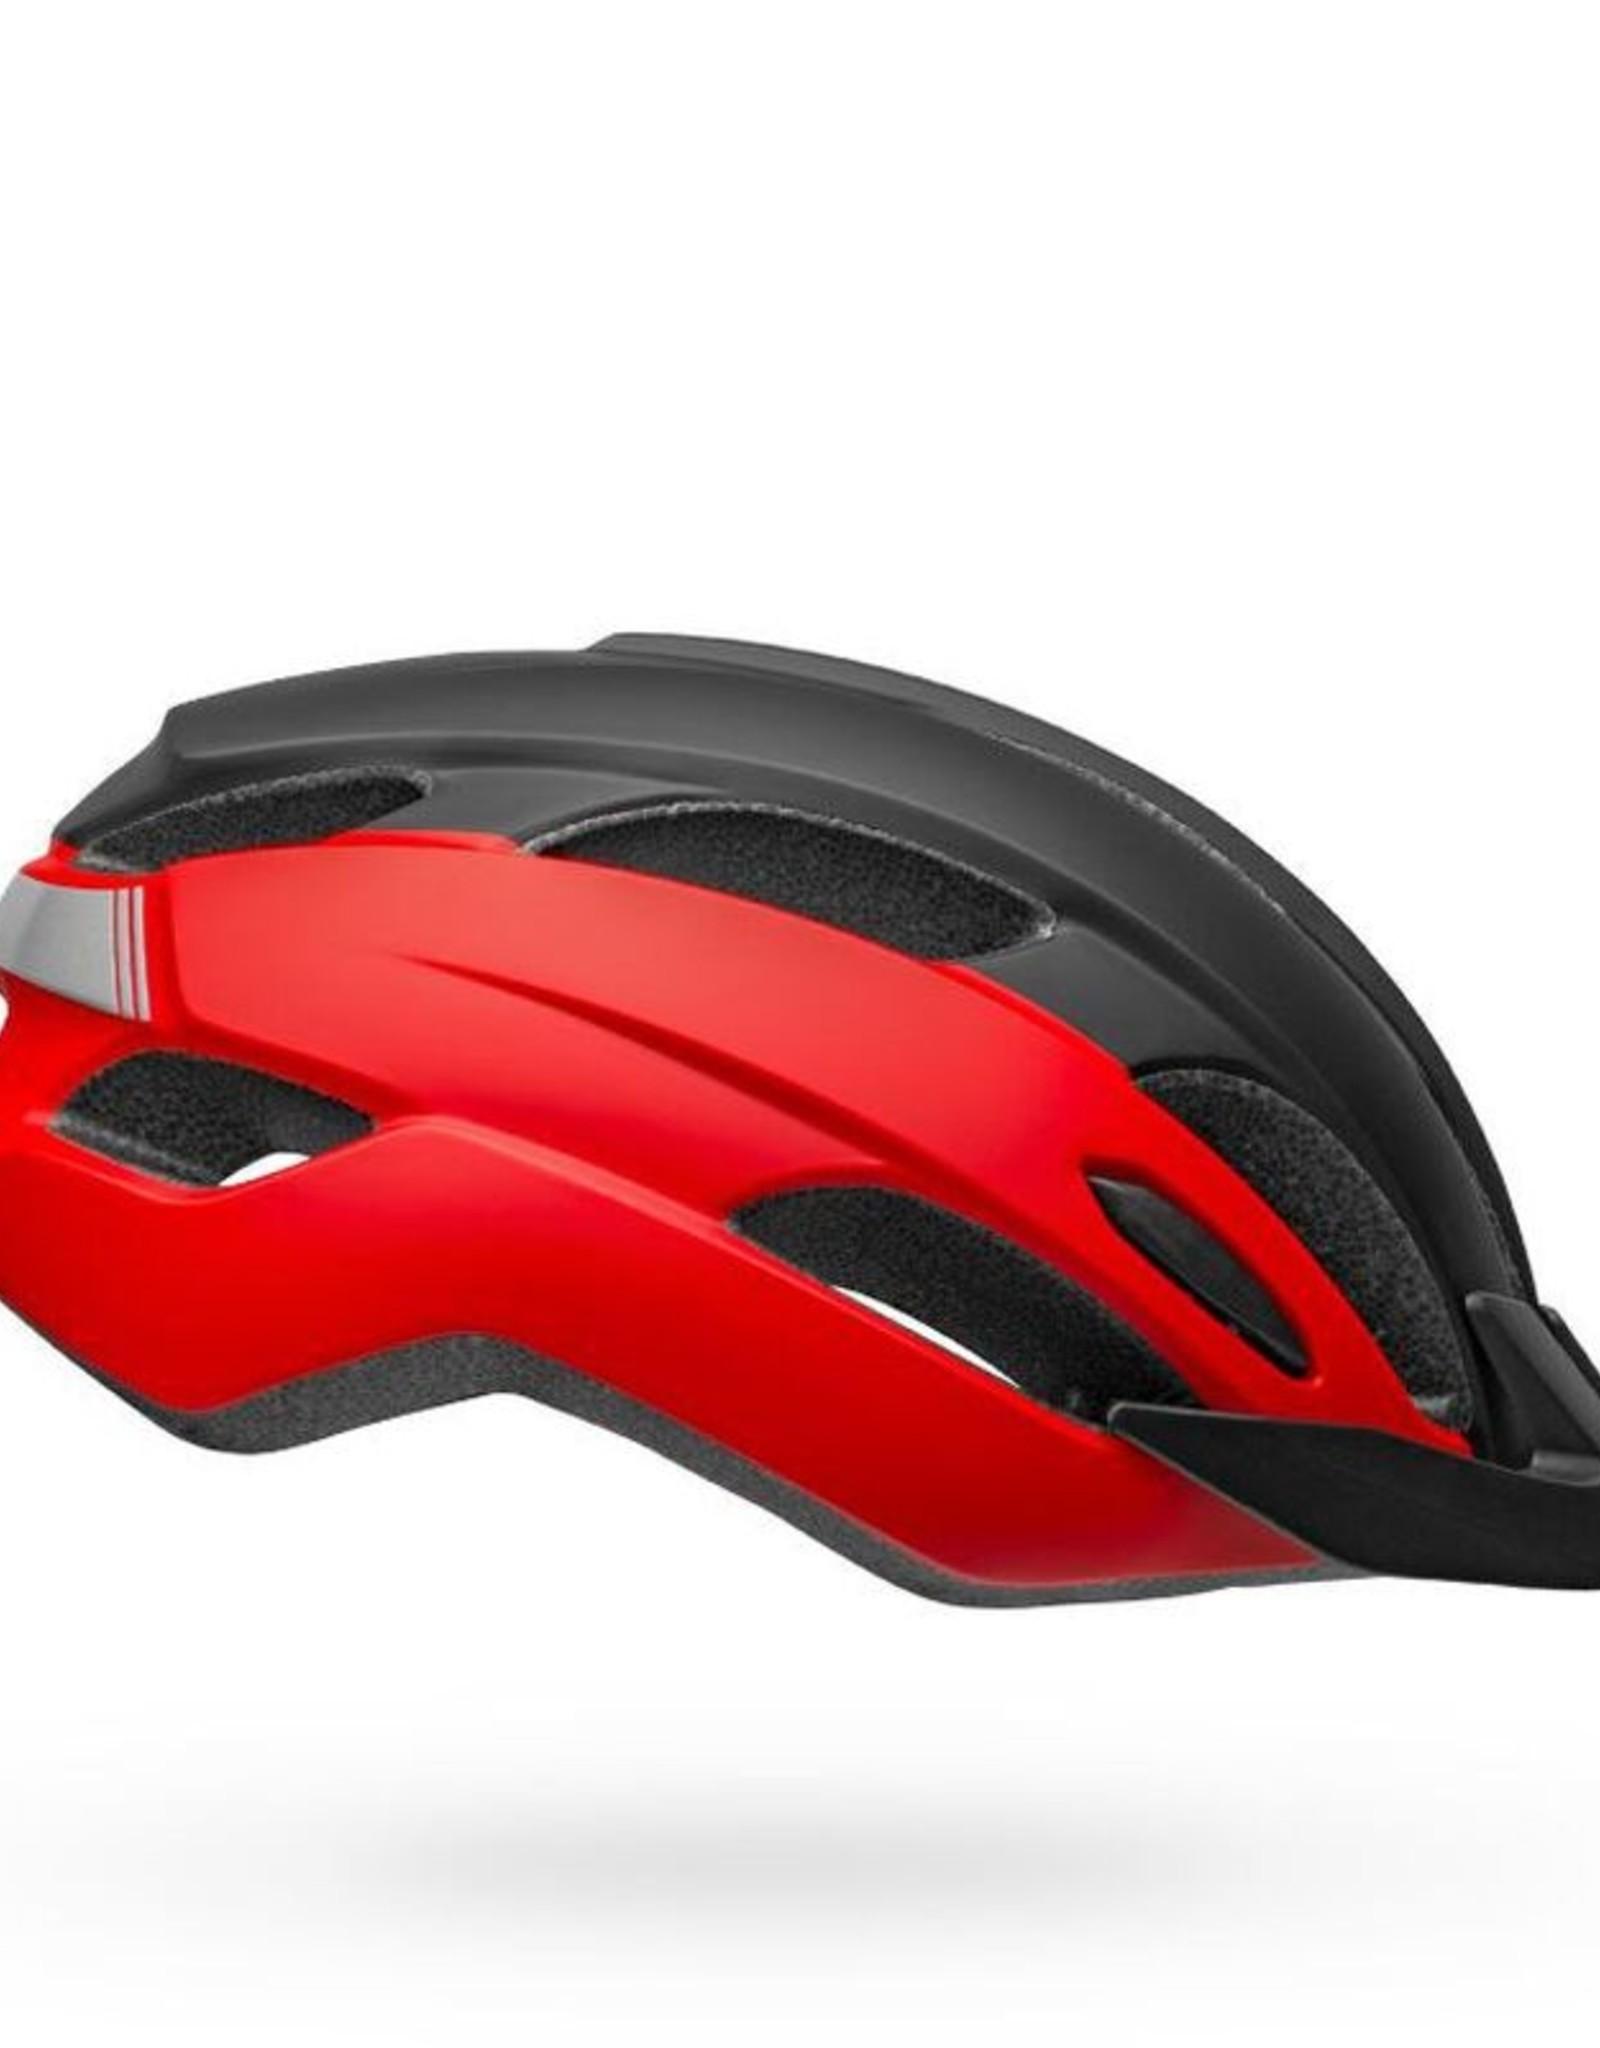 Bell Trace MIPS Bike Helmet